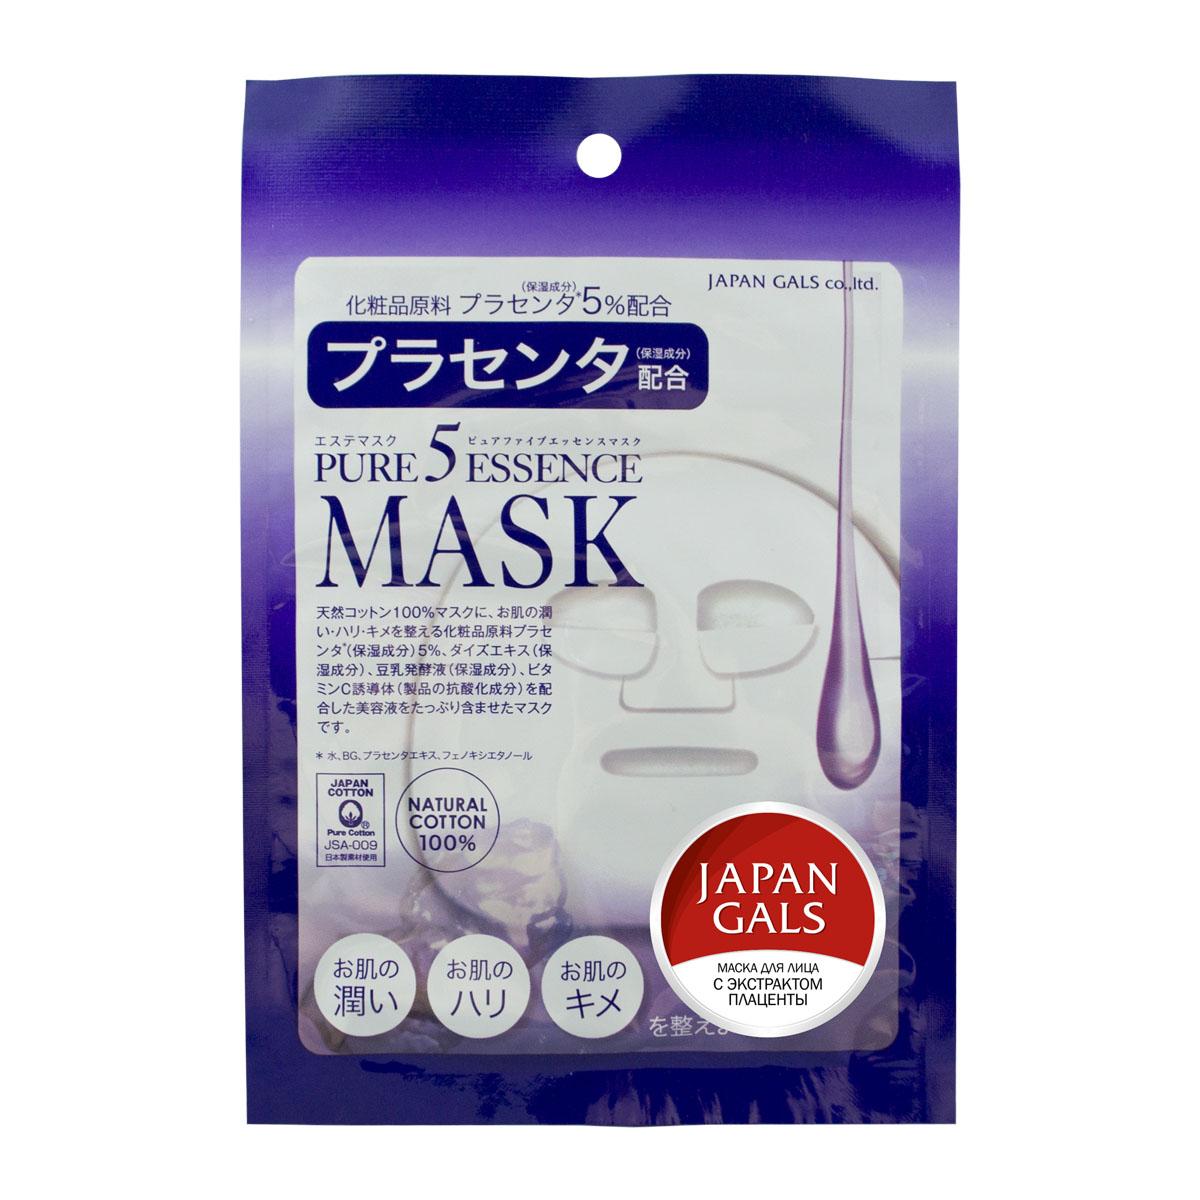 Japan Gals Маска для лица с плацентой Pure 5 Essential 1 шт12274Экстракт плацентыЭкстракт плаценты - уникальный природный комплекс, содержащий белки, нуклеиновые кислоты, полисахариды, липиды, ферменты, аминокислоты, ненасыщенные жирные кислоты, витамины и микроэлементы. Благодаря экстракту плаценты стимулируется периферический кровоток. Это позволяет улучшить кровоснабжение кожи, из нее выводятся токсины, активизируется клеточное дыхание, улучшается метаболизм. Экстракт плаценты позволяет поднять меланин из глубоких слоев на поверхность кожи, откуда он удаляется при отшелушивании вместе с кератином. Выжимка из плаценты снимает воспаление, полученное от длительного воздействия солнечных лучей.Особый крой маски обеспечивает эффект 3D-прилегания, а большая площадь ткани гарантирует полное покрытие. Также у маски имеются специальные кармашки для проработки зоны в области глаз.Эффект: улучшение цвета лица, регенерация кожи, нормализация жирового баланса, замедление старения кожи, против воспалительных процессов.Способ применения: после умывания расправьте и плотно приложите маску к лицу. 5-10 минут спокойно полежать. Если хотите дополнительно проработать зону глаз, накройте их специальными накладками. Если хотите проработать зону под глазами, сложите накладку для глаз в два раза.Способ хранения: держать в недоступном для детей месте. Состав: Вода, BG, глицерин, экстракт плаценты, аскорбил фосфат магния, экстракт сои, ферментированное соевое молоко, гидроксиэтилцеллюлоза, пальмовое масло, алкил, PG, димониум хлорид фосфат, феноксиэтанол, метилизотиазолинон, лимонная кислота, антикоагулянт.